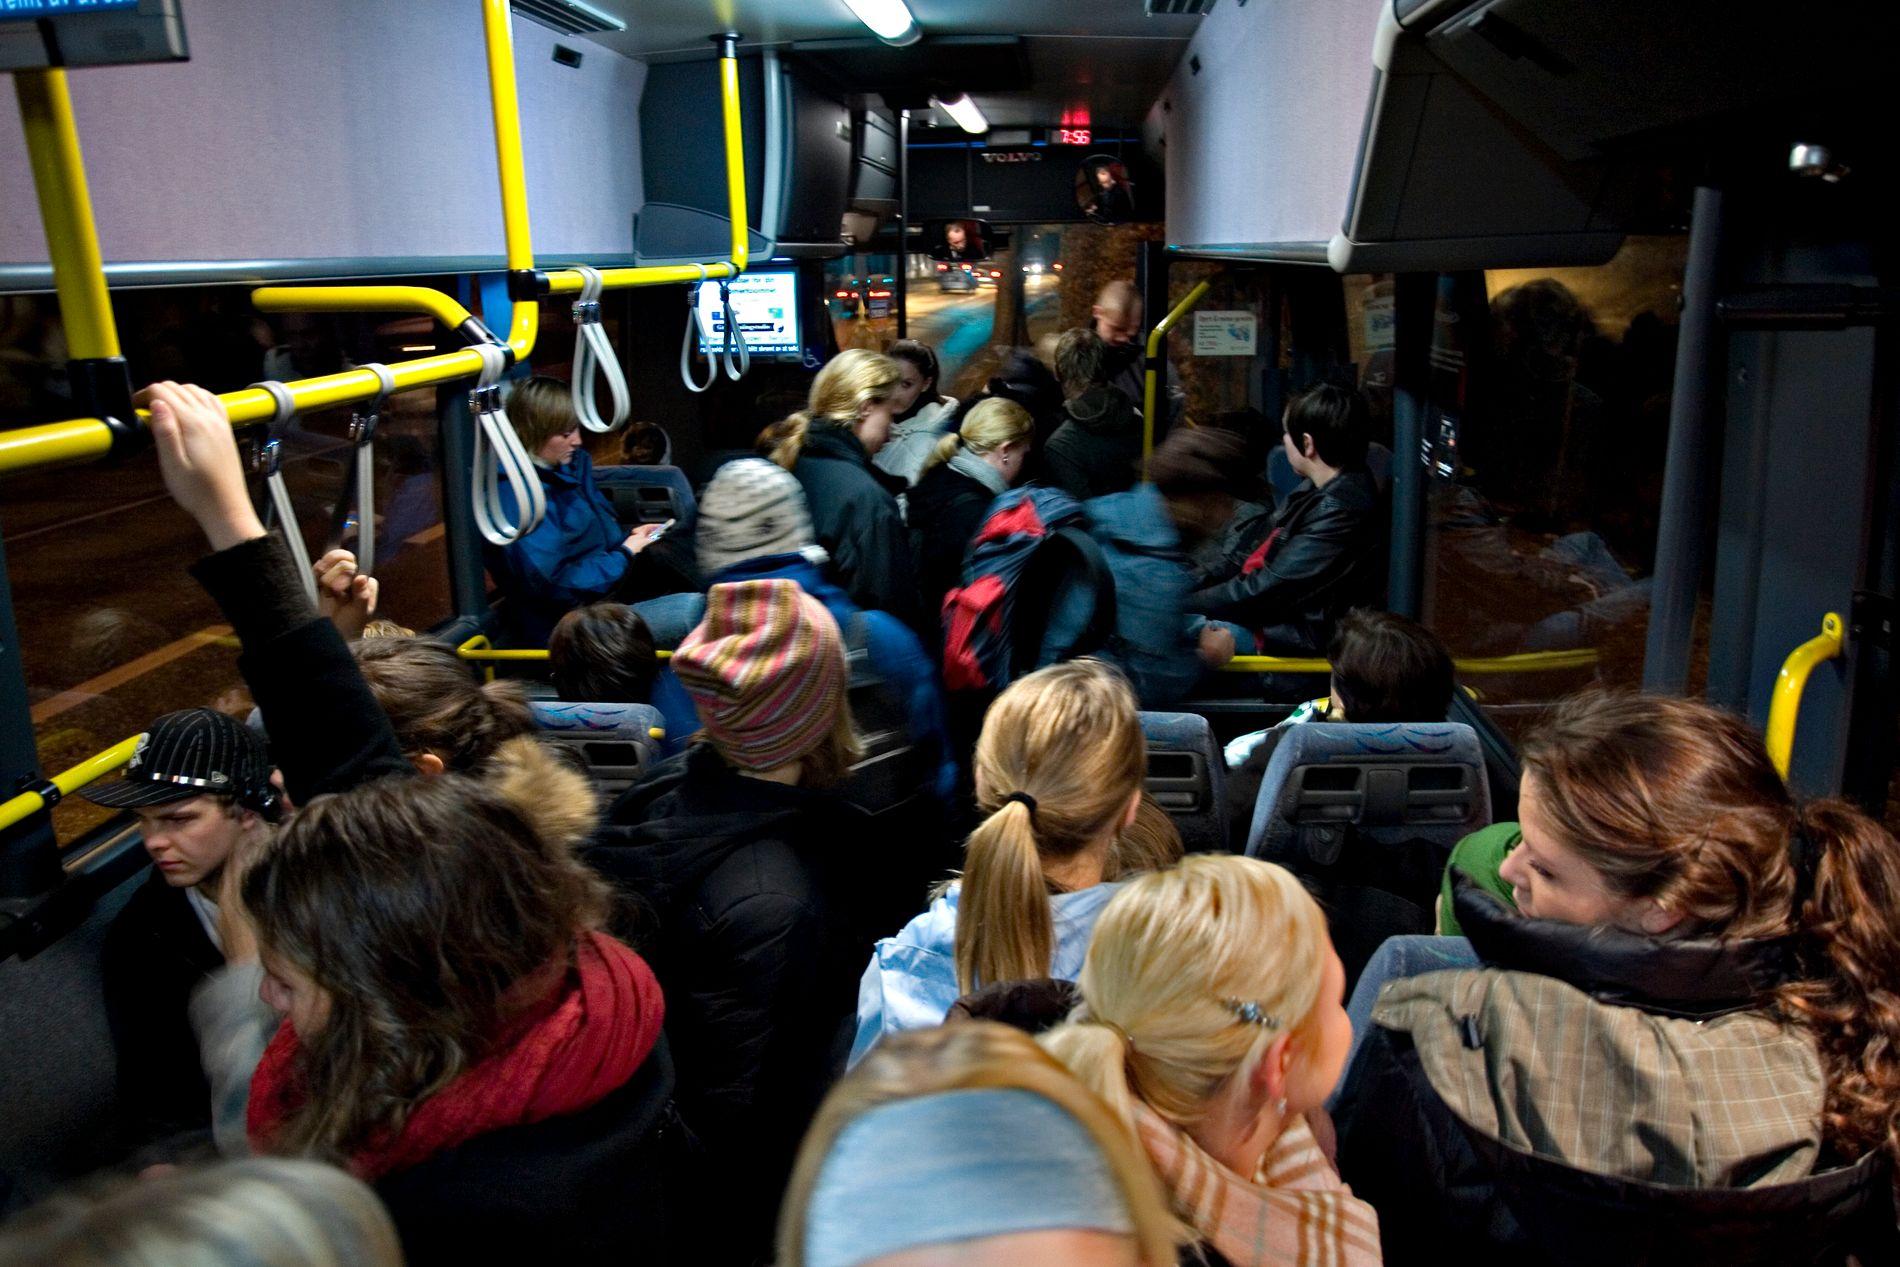 LOVLIG: Det er lov å ha stående passasjerer på samme bussen som man får bot dersom man sitter uten belte, skriver innsenderen.